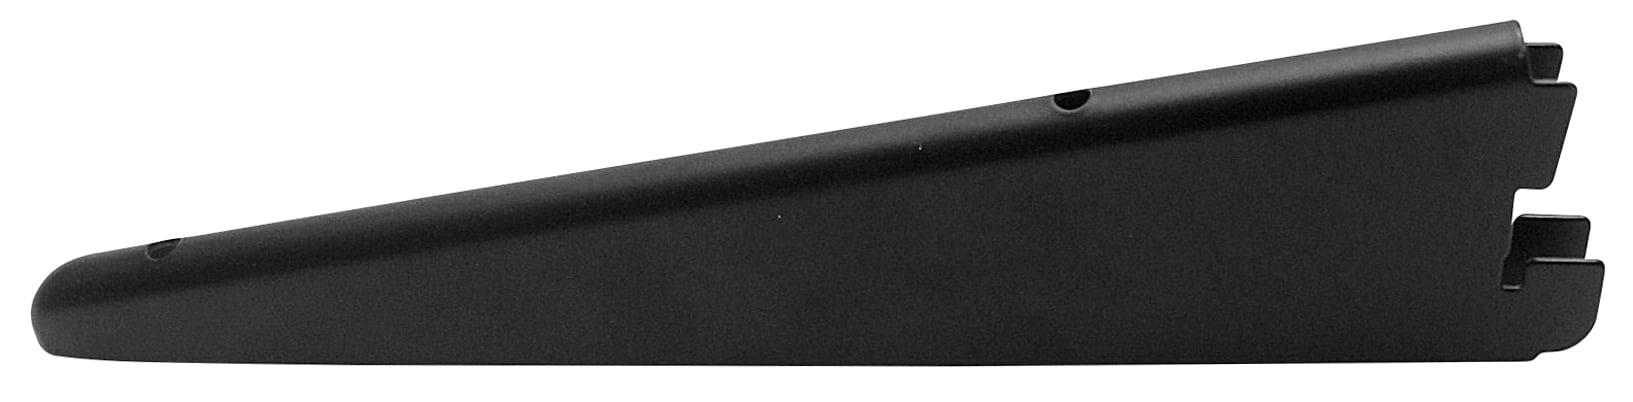 Hyldeknægt RS 22 cm. - sort